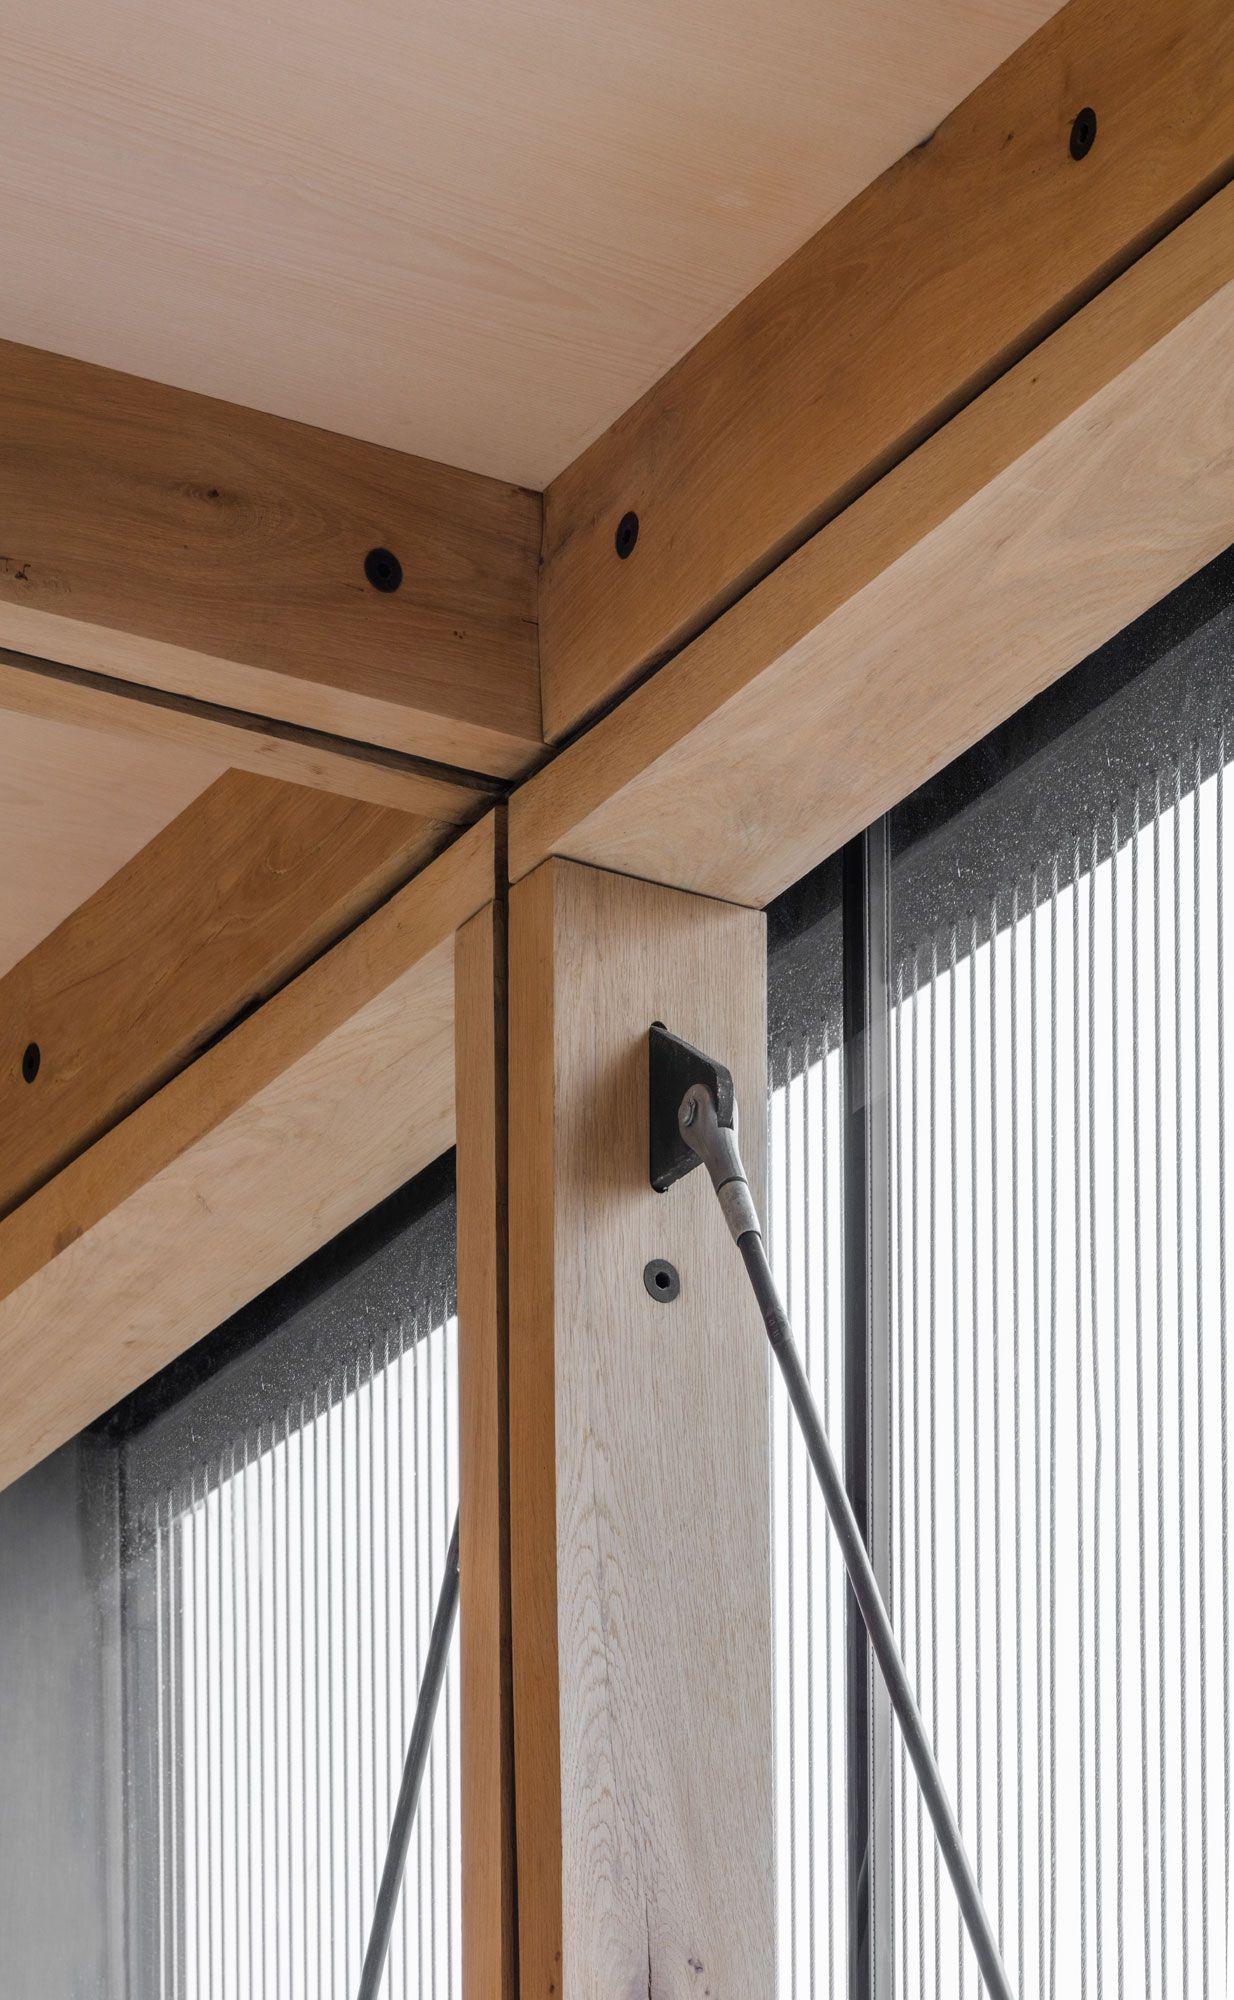 Zuwachs unter Londons Dachaufbauten: Umbau eines Wohnhauses